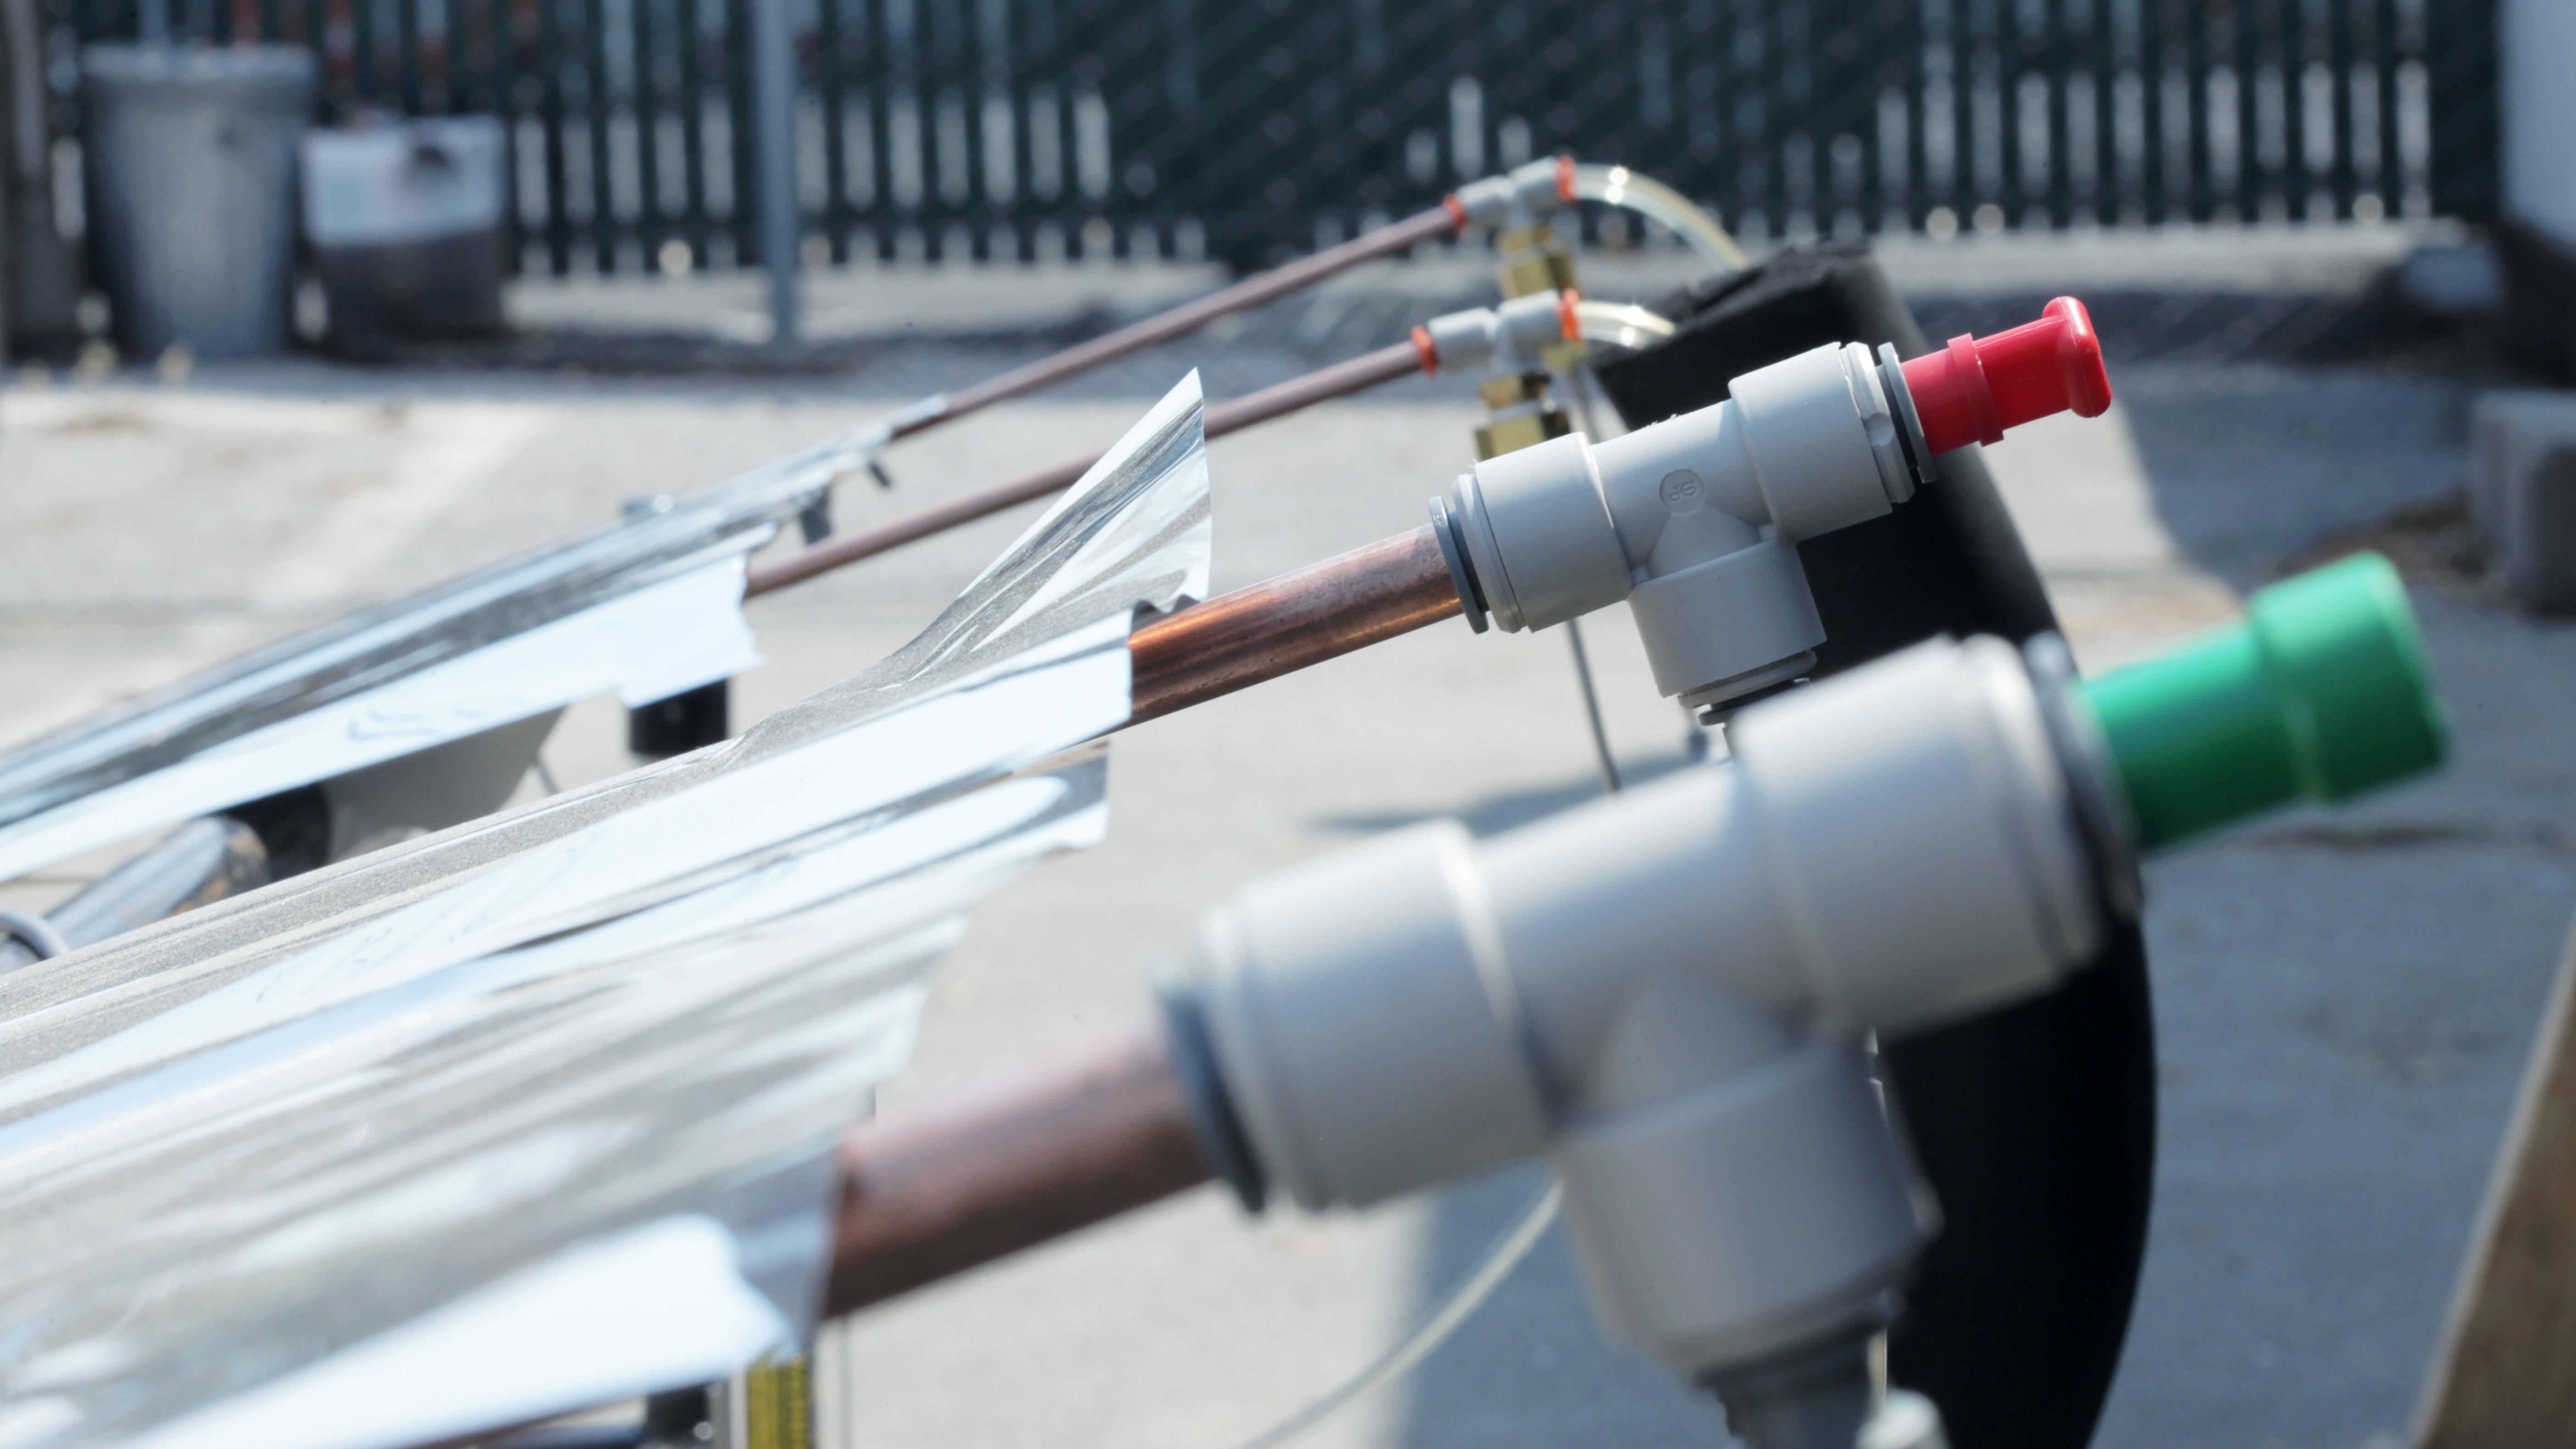 空調コストを大幅削減 新素材の放射冷却が試験中